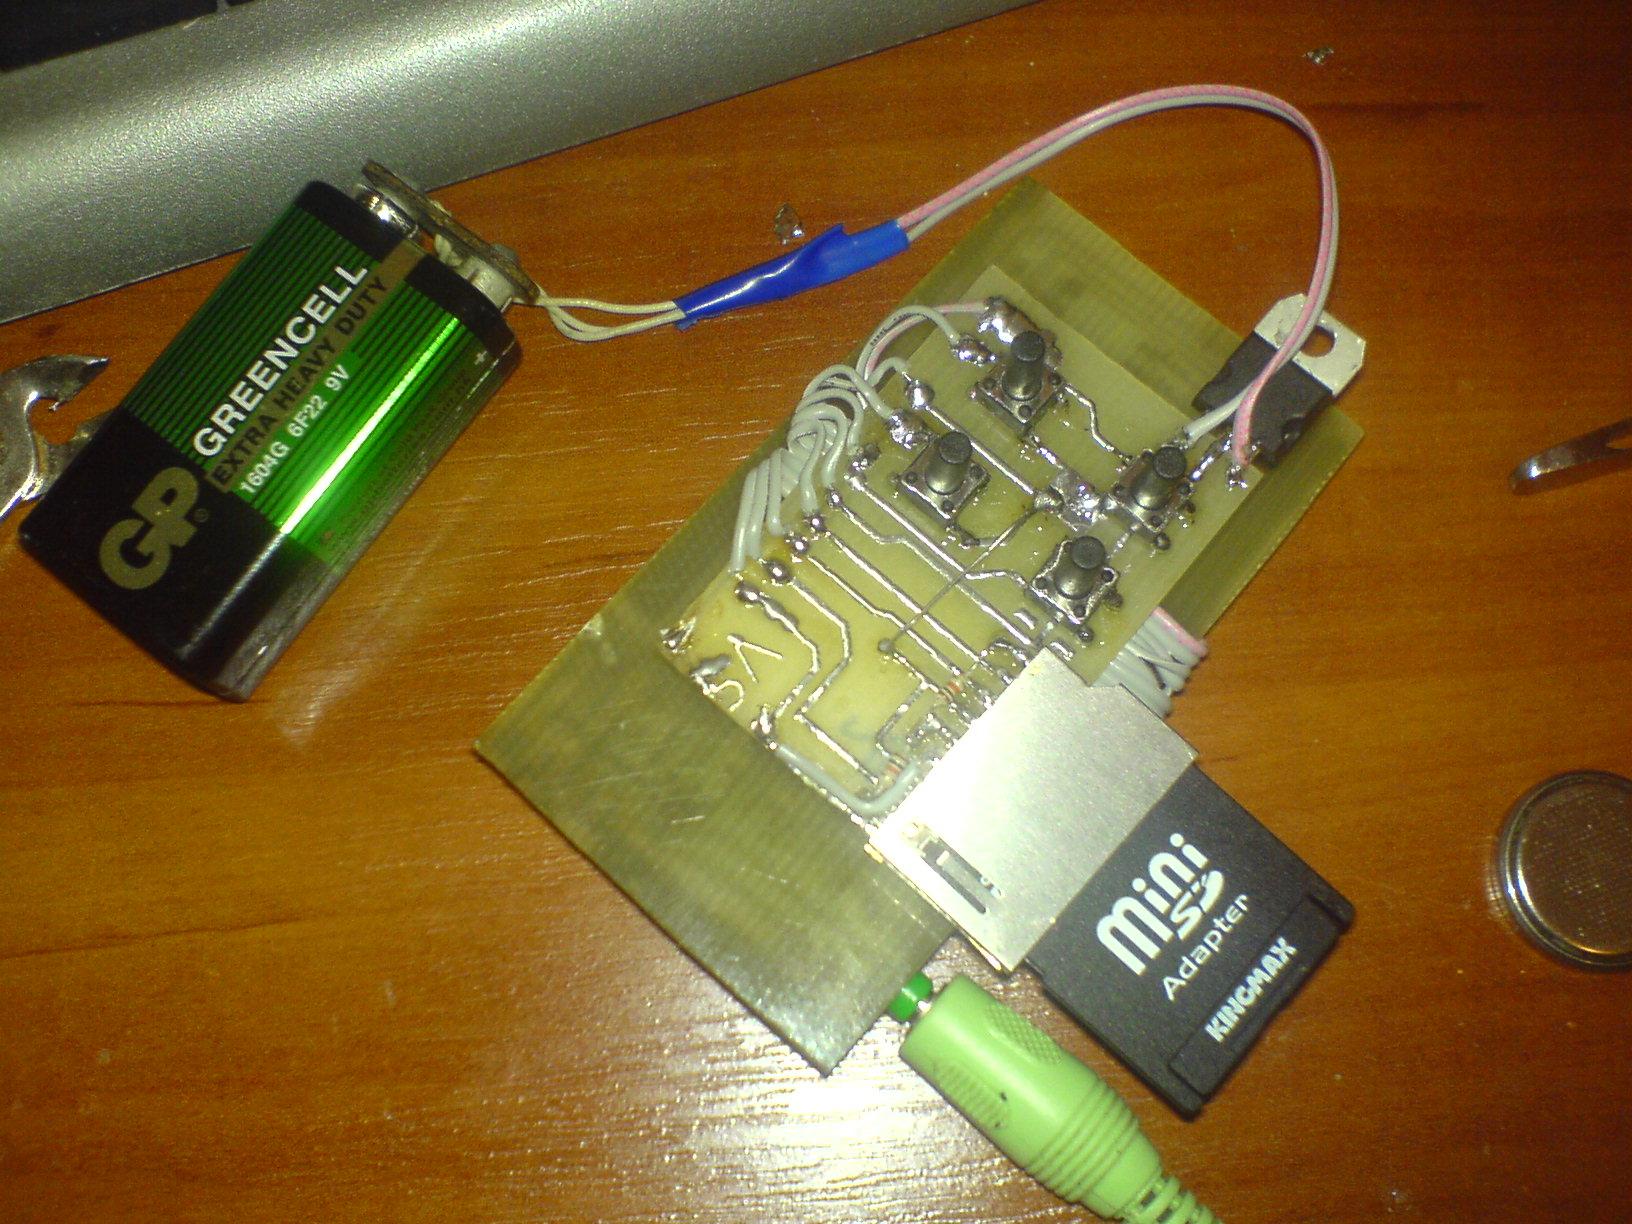 В плеере можно применять карты памятити SD или ММС, объемом не более ОДНОГО ГИГАБАЙТА!